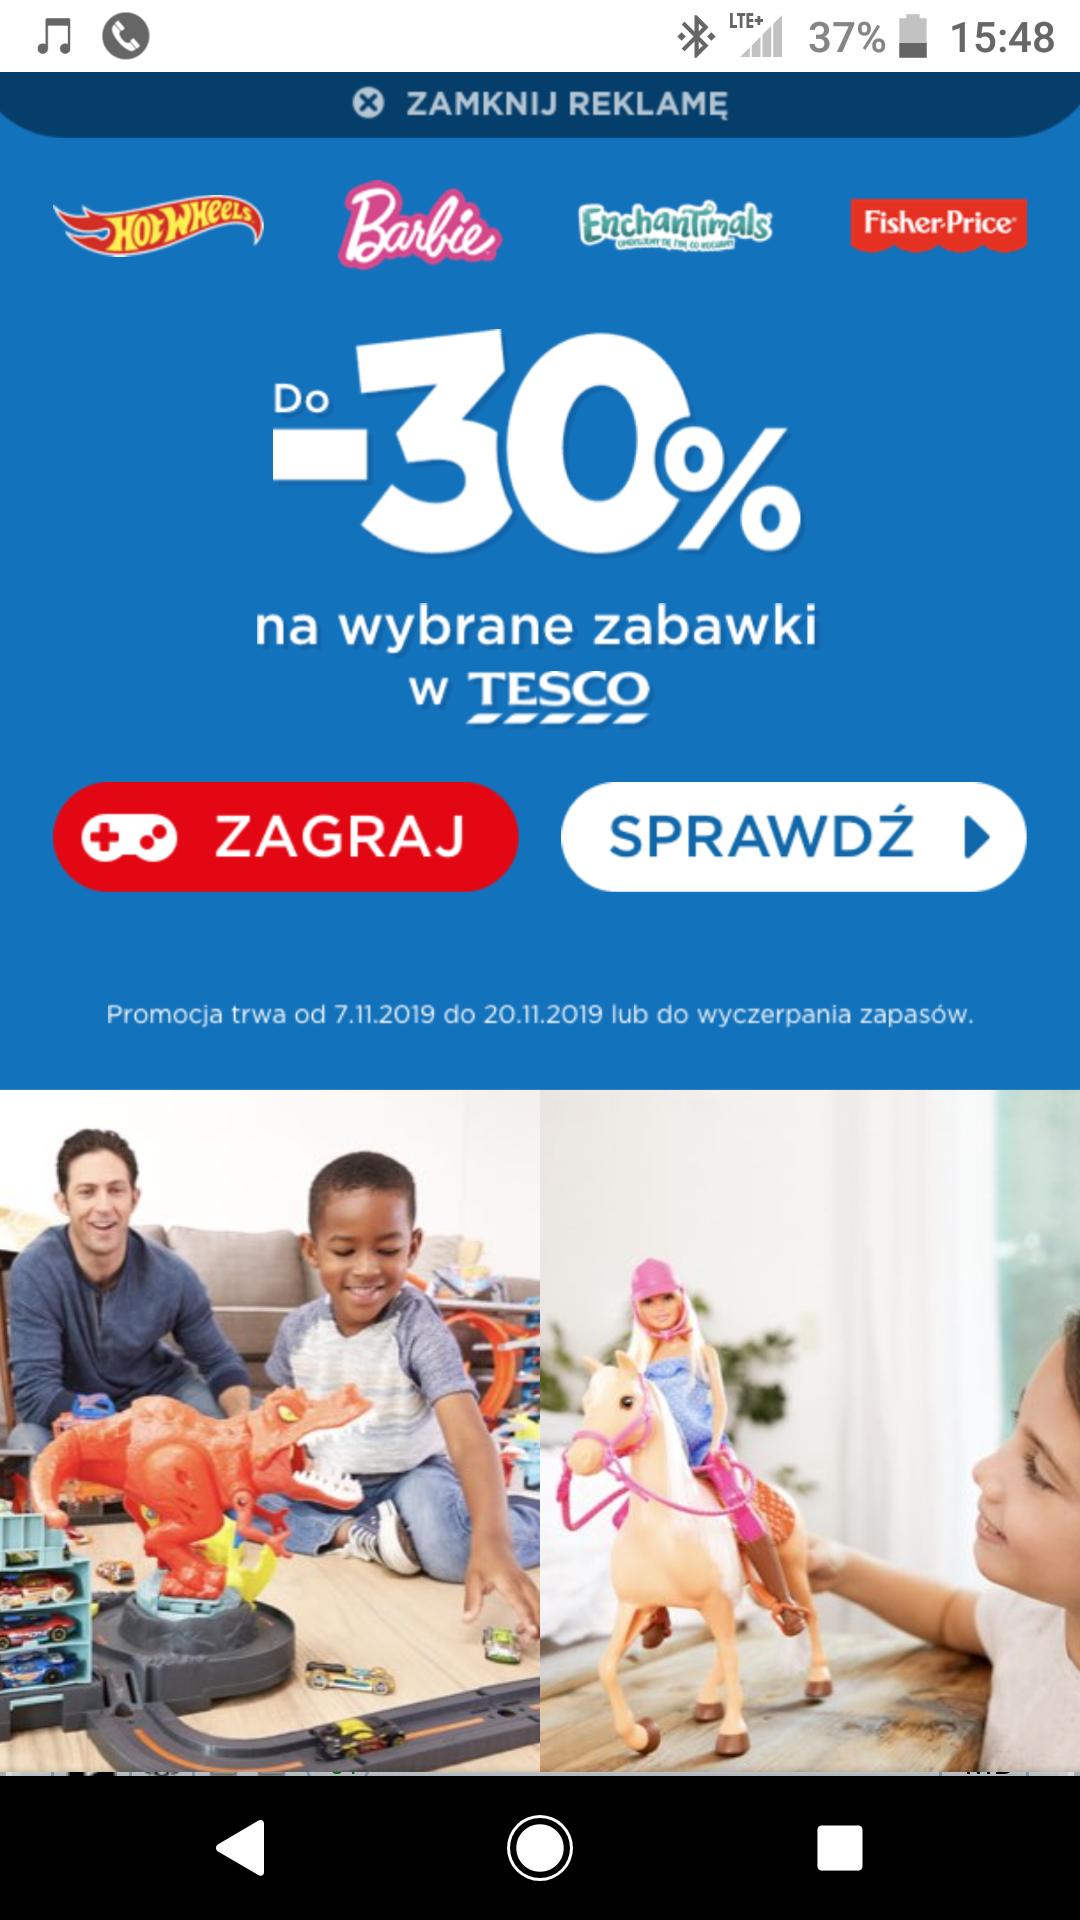 Zabawki do - 30% w Tesco